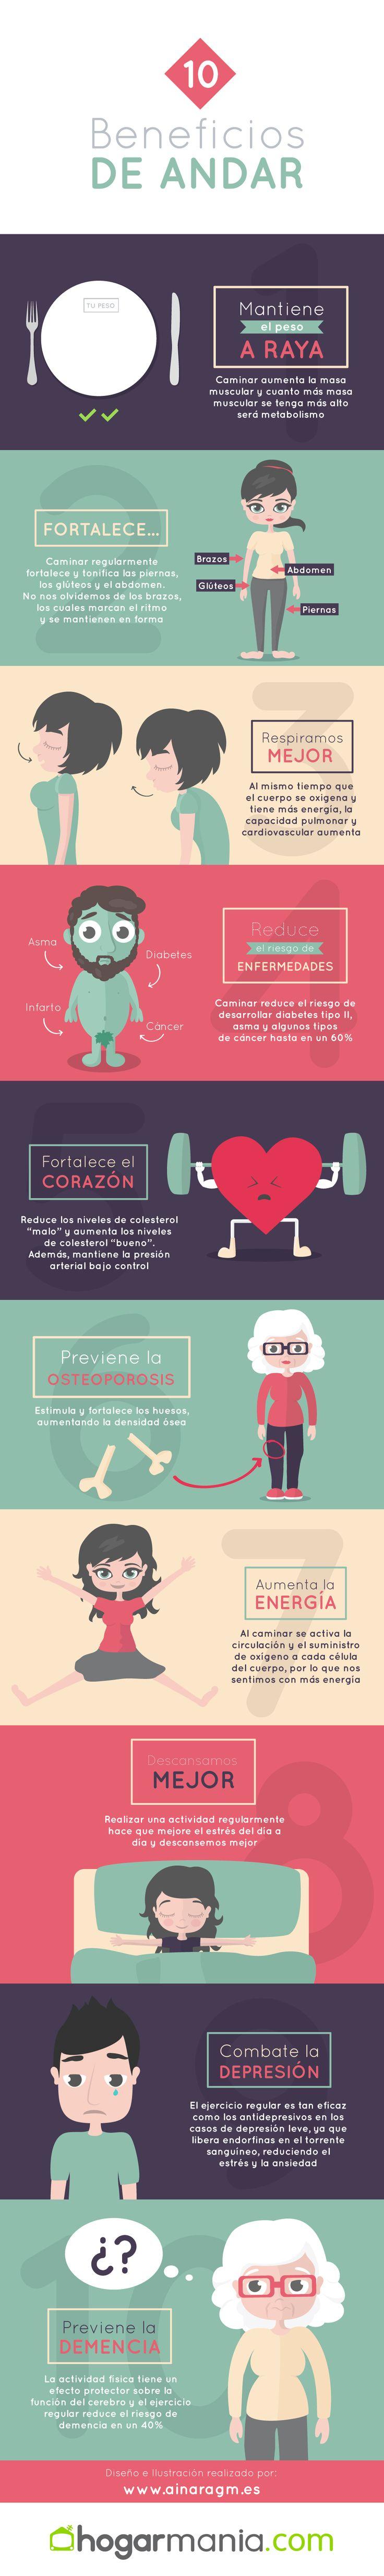 10 buenas razones para salir a andar a diario #andar #ejercicio #infografia…